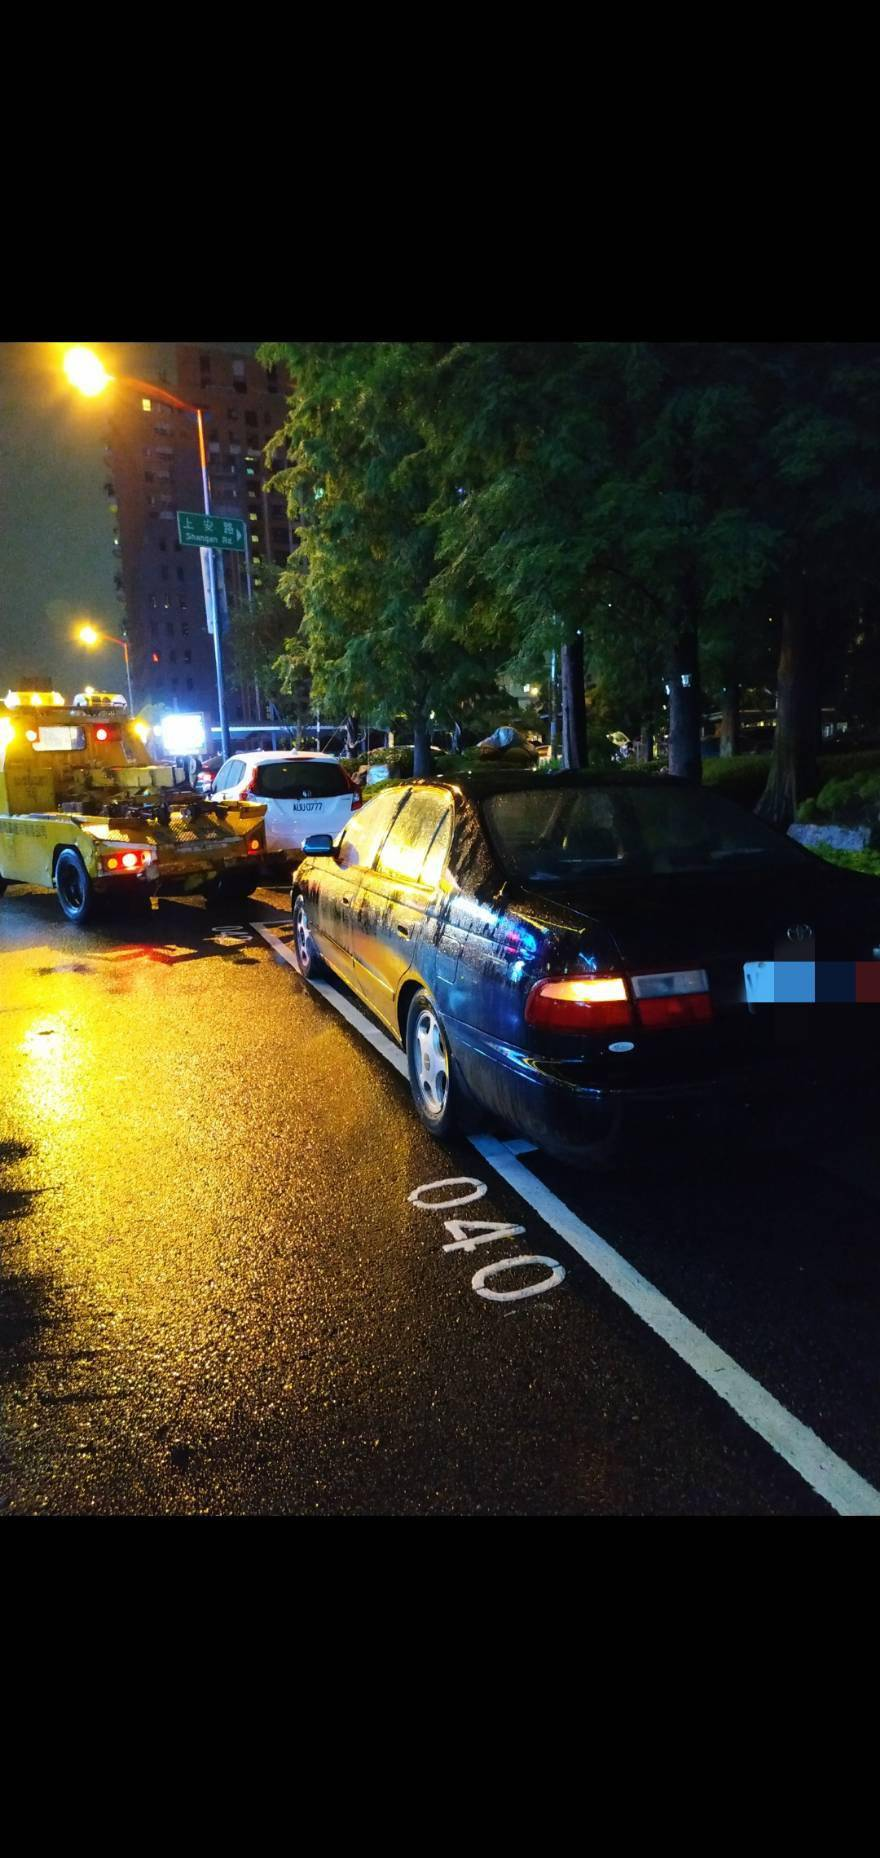 【富昇汽車】豐田/Toyota exsior 車子發不動#突然熄火#到府服務救援